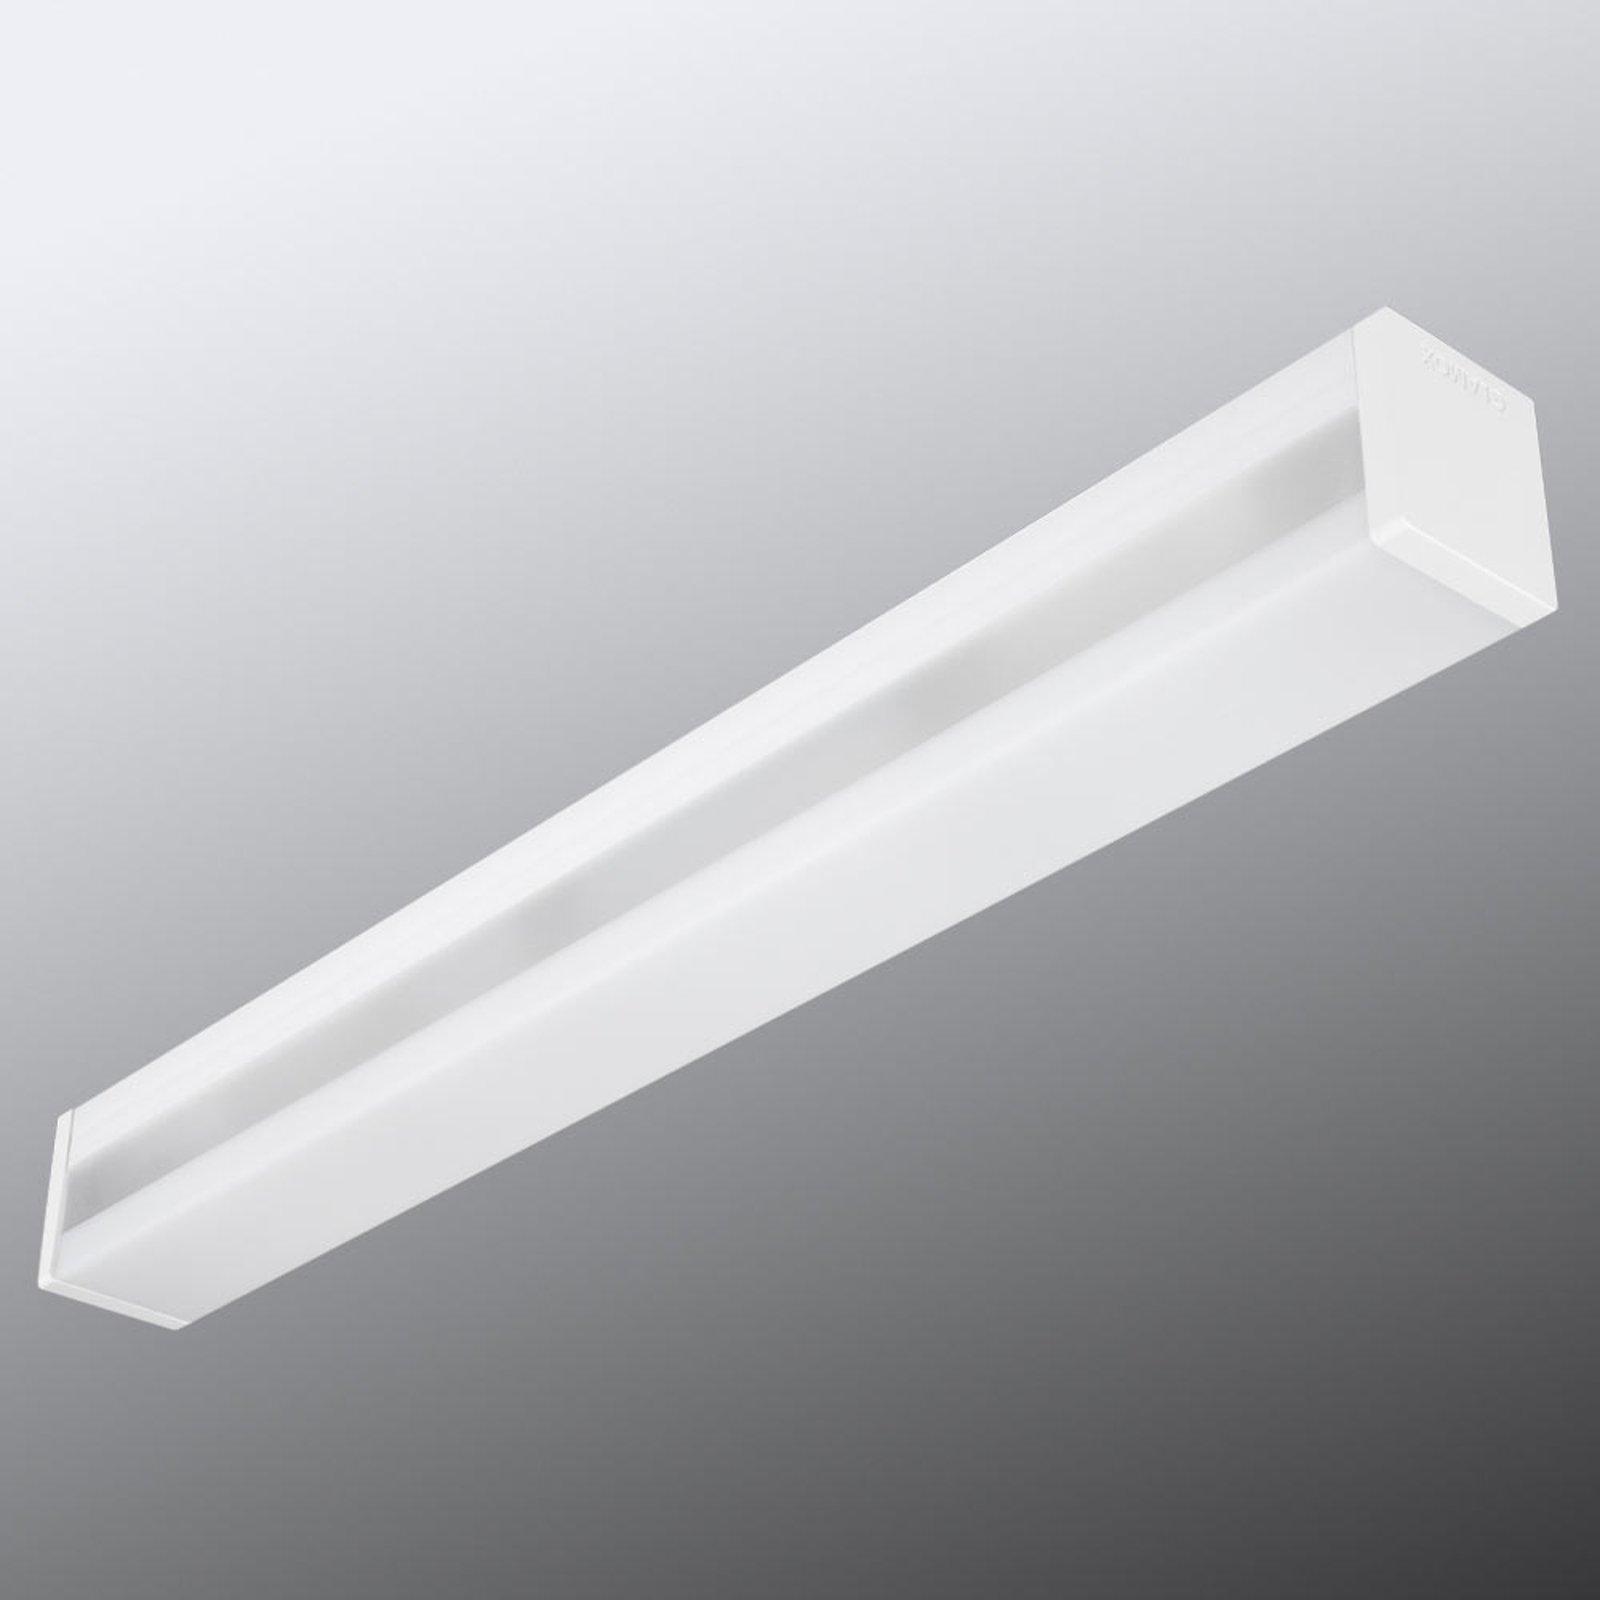 A40-W600 LED-speillampe 1000HF 60 cm 9 W 3 000 K